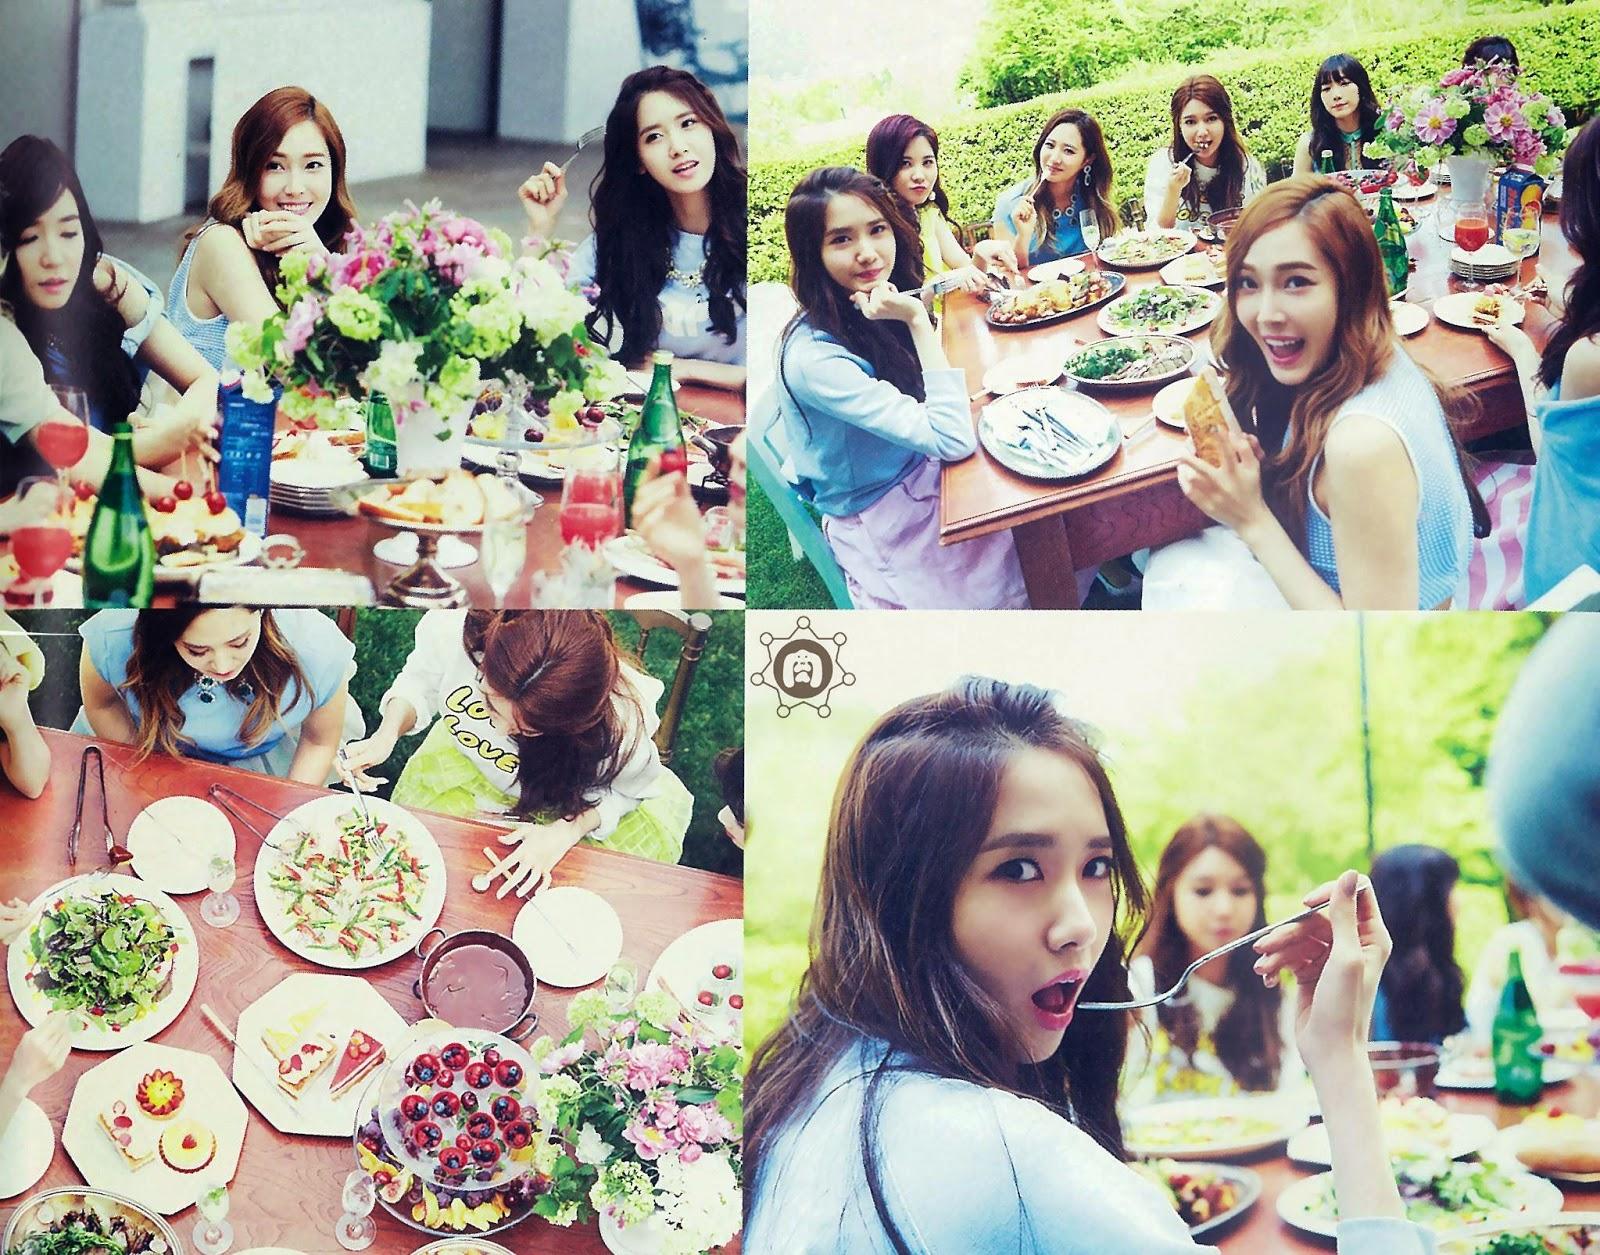 SNSD Girls Generation The Best Scan Wallpaper HD 6